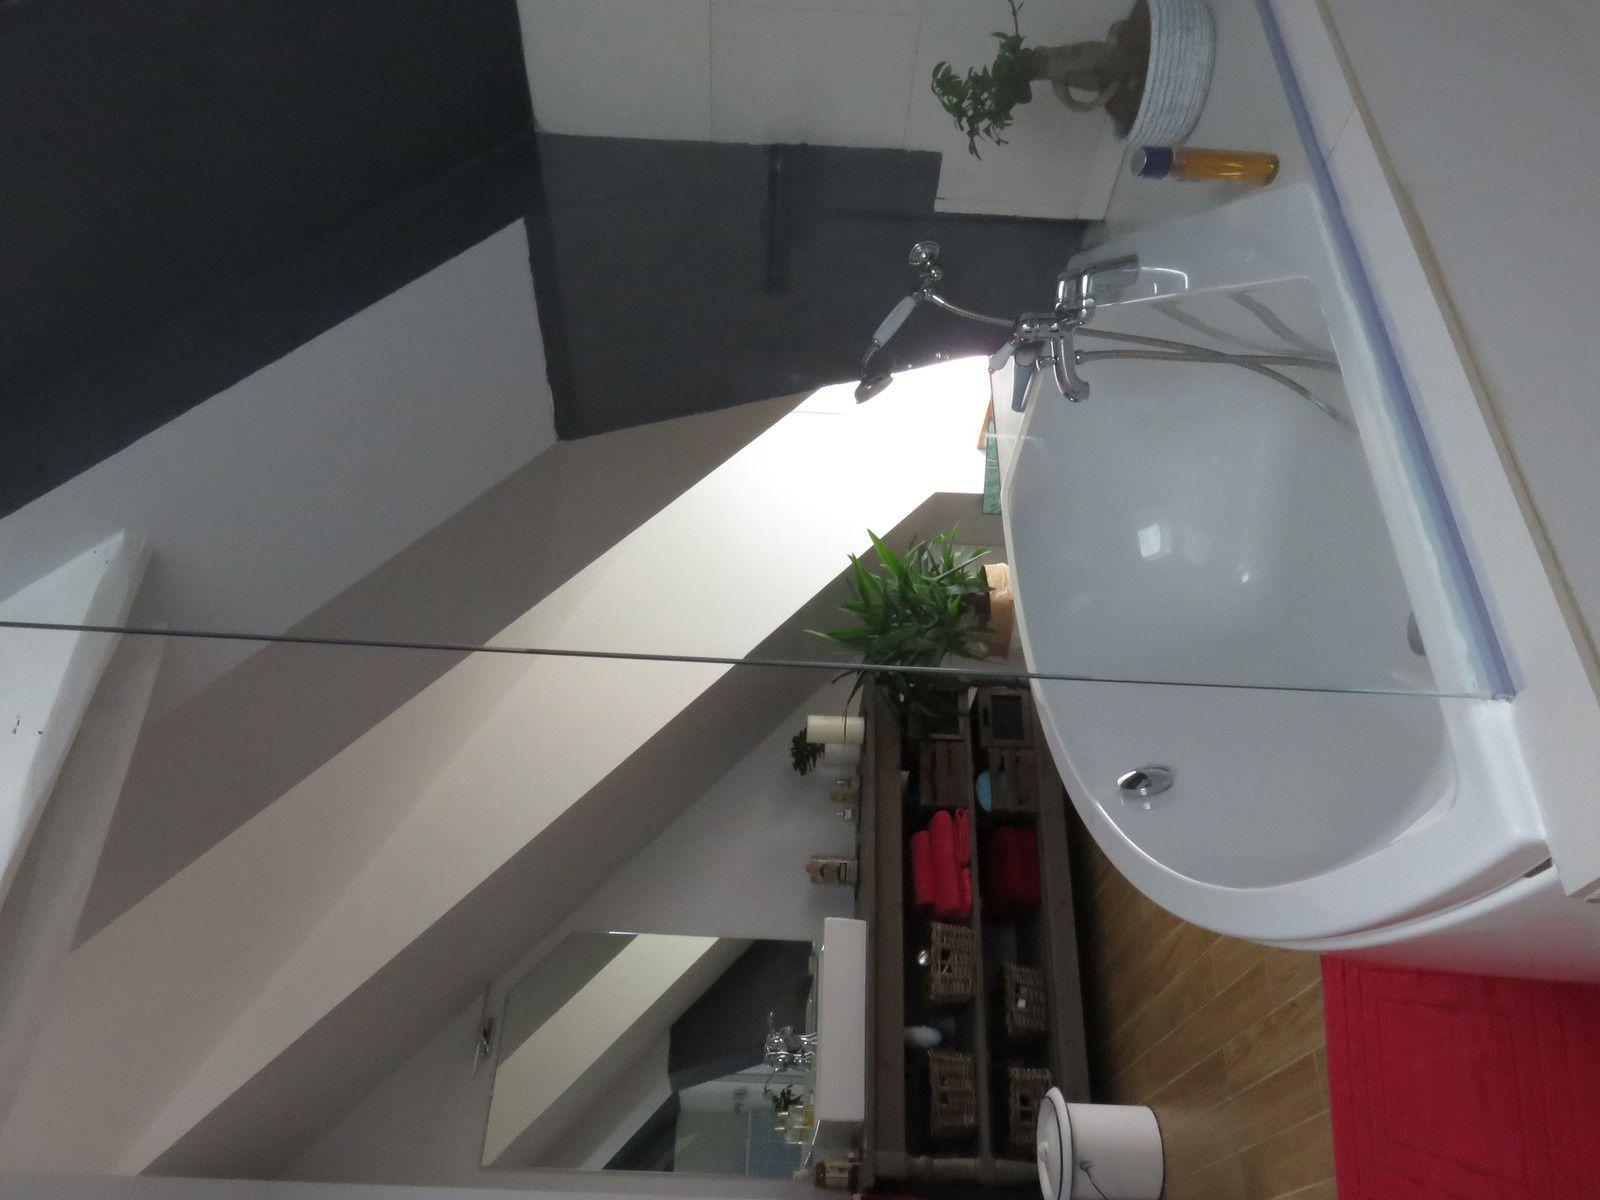 Vitre de s paration entre baignoire et douche maison nanous - Vitre pour baignoire ...